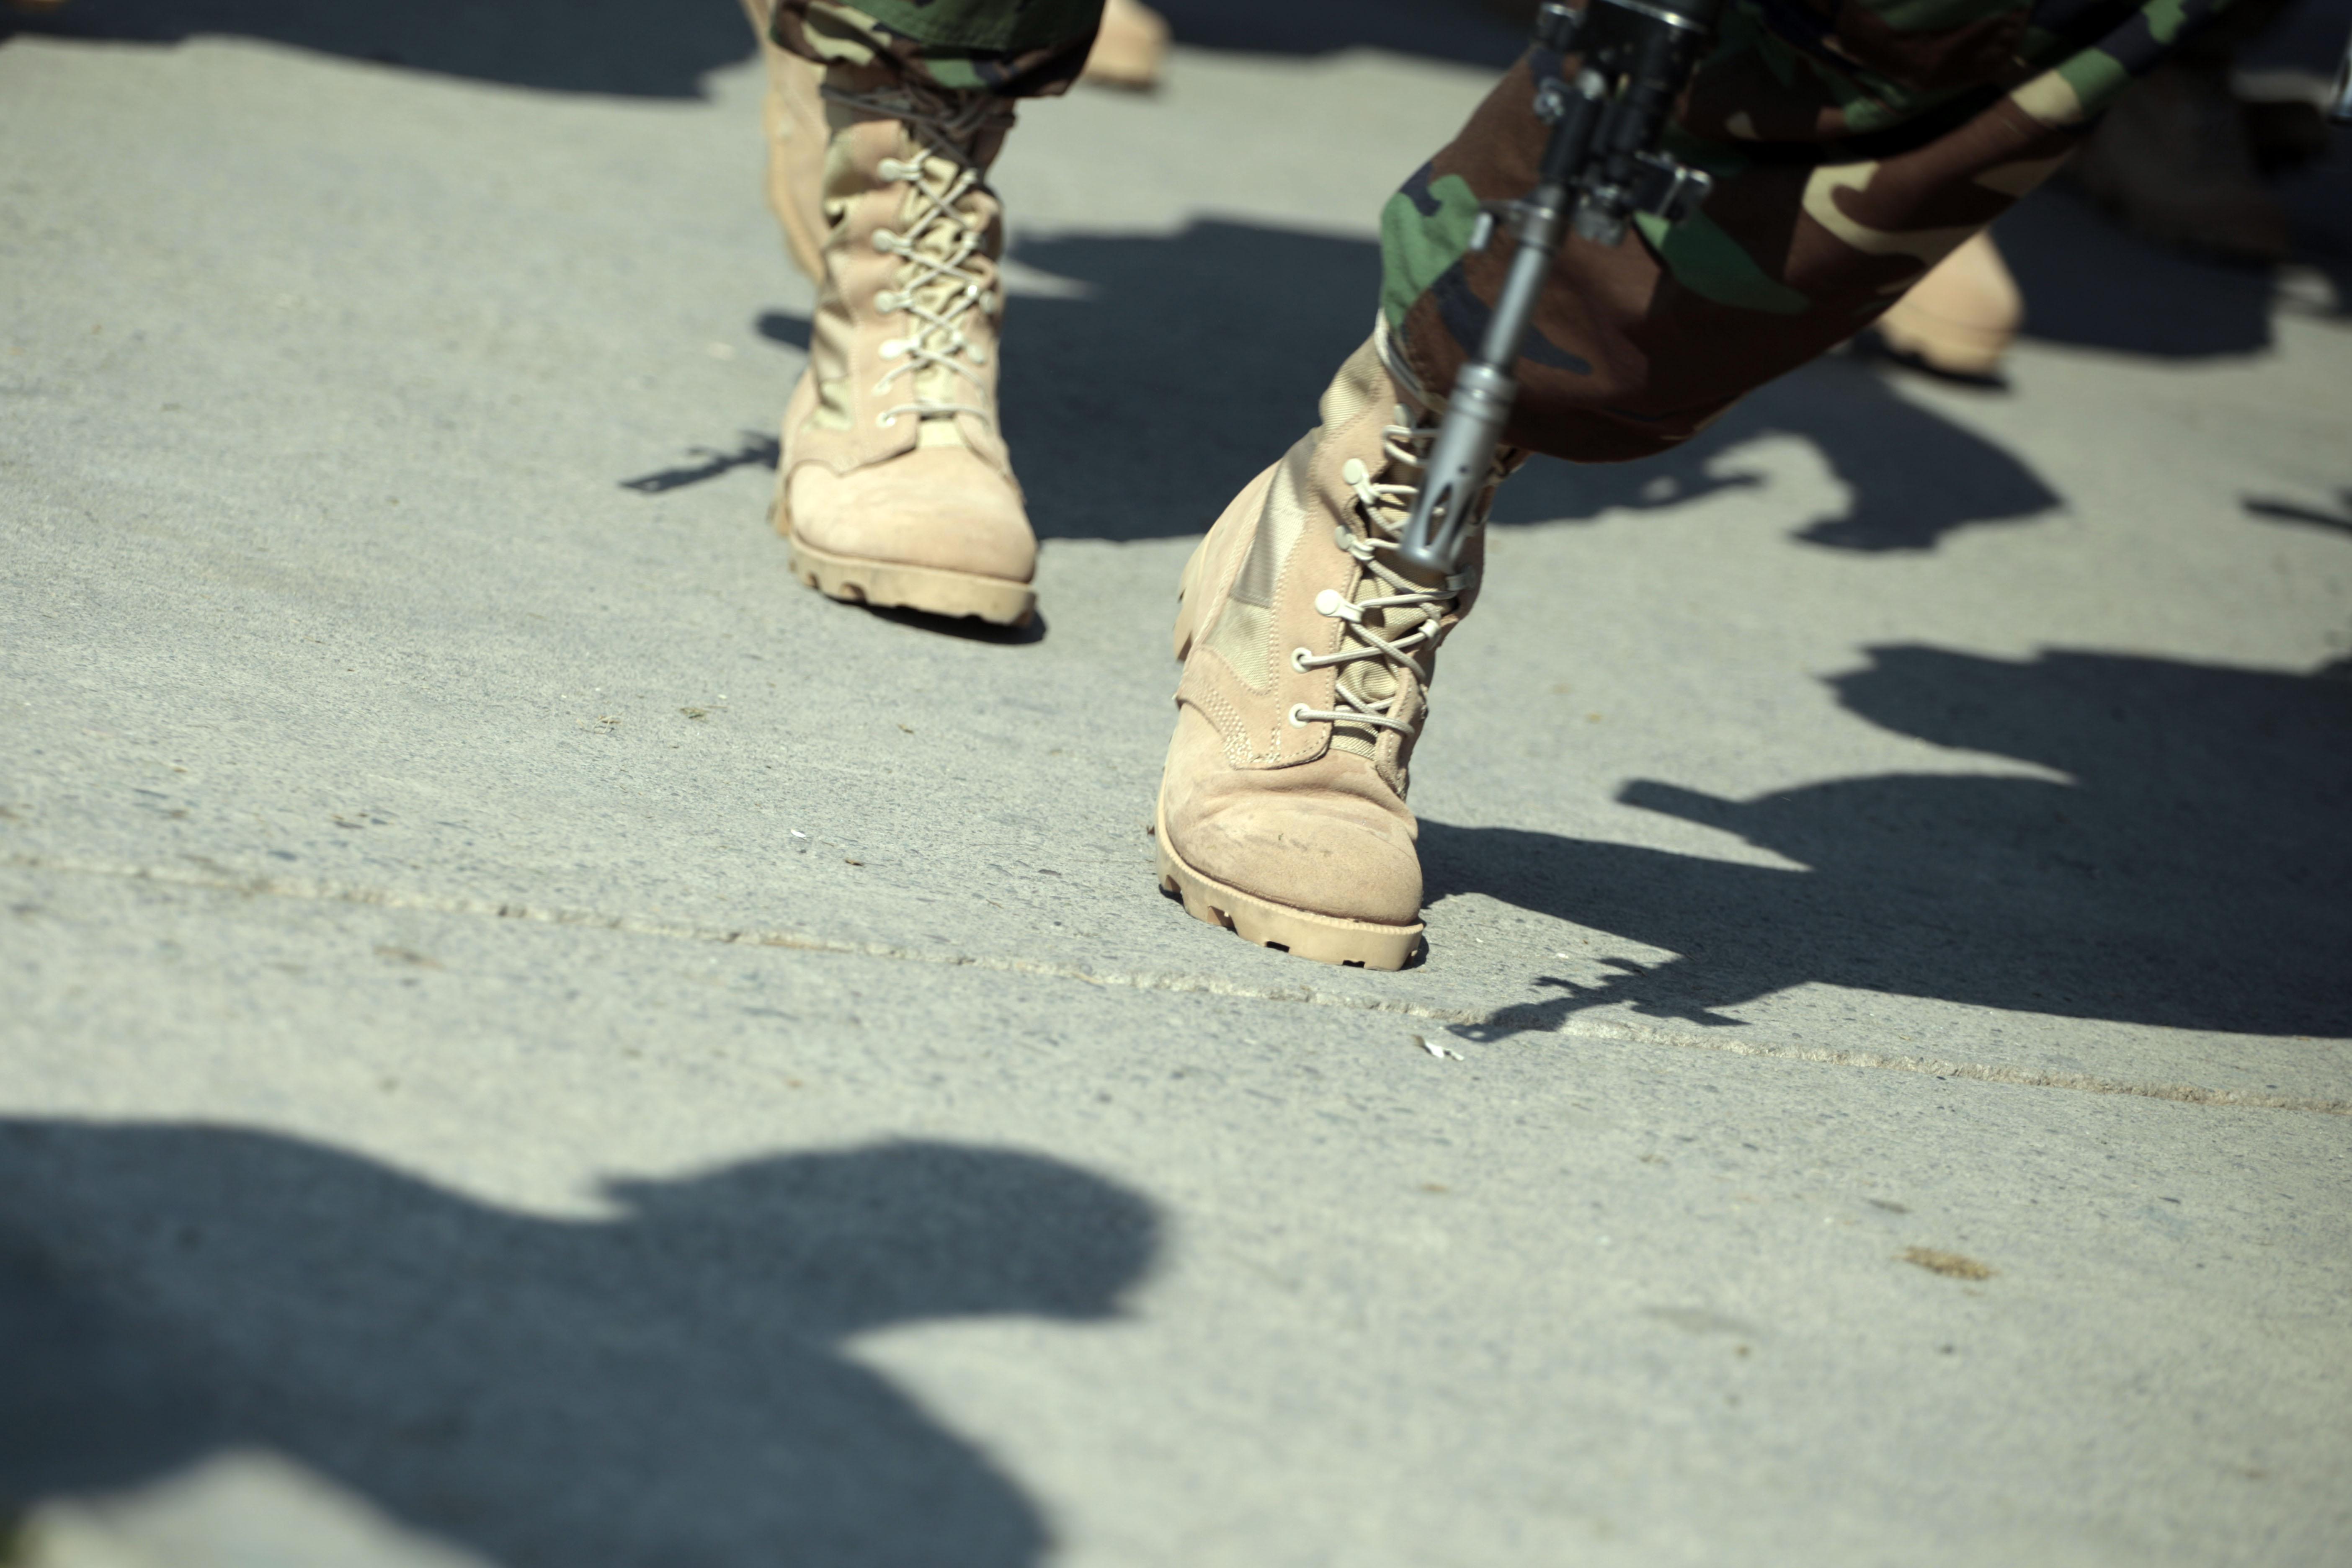 Sin resultados positivos continúa la búsqueda de cabo del Ejército extraviada en La Unión